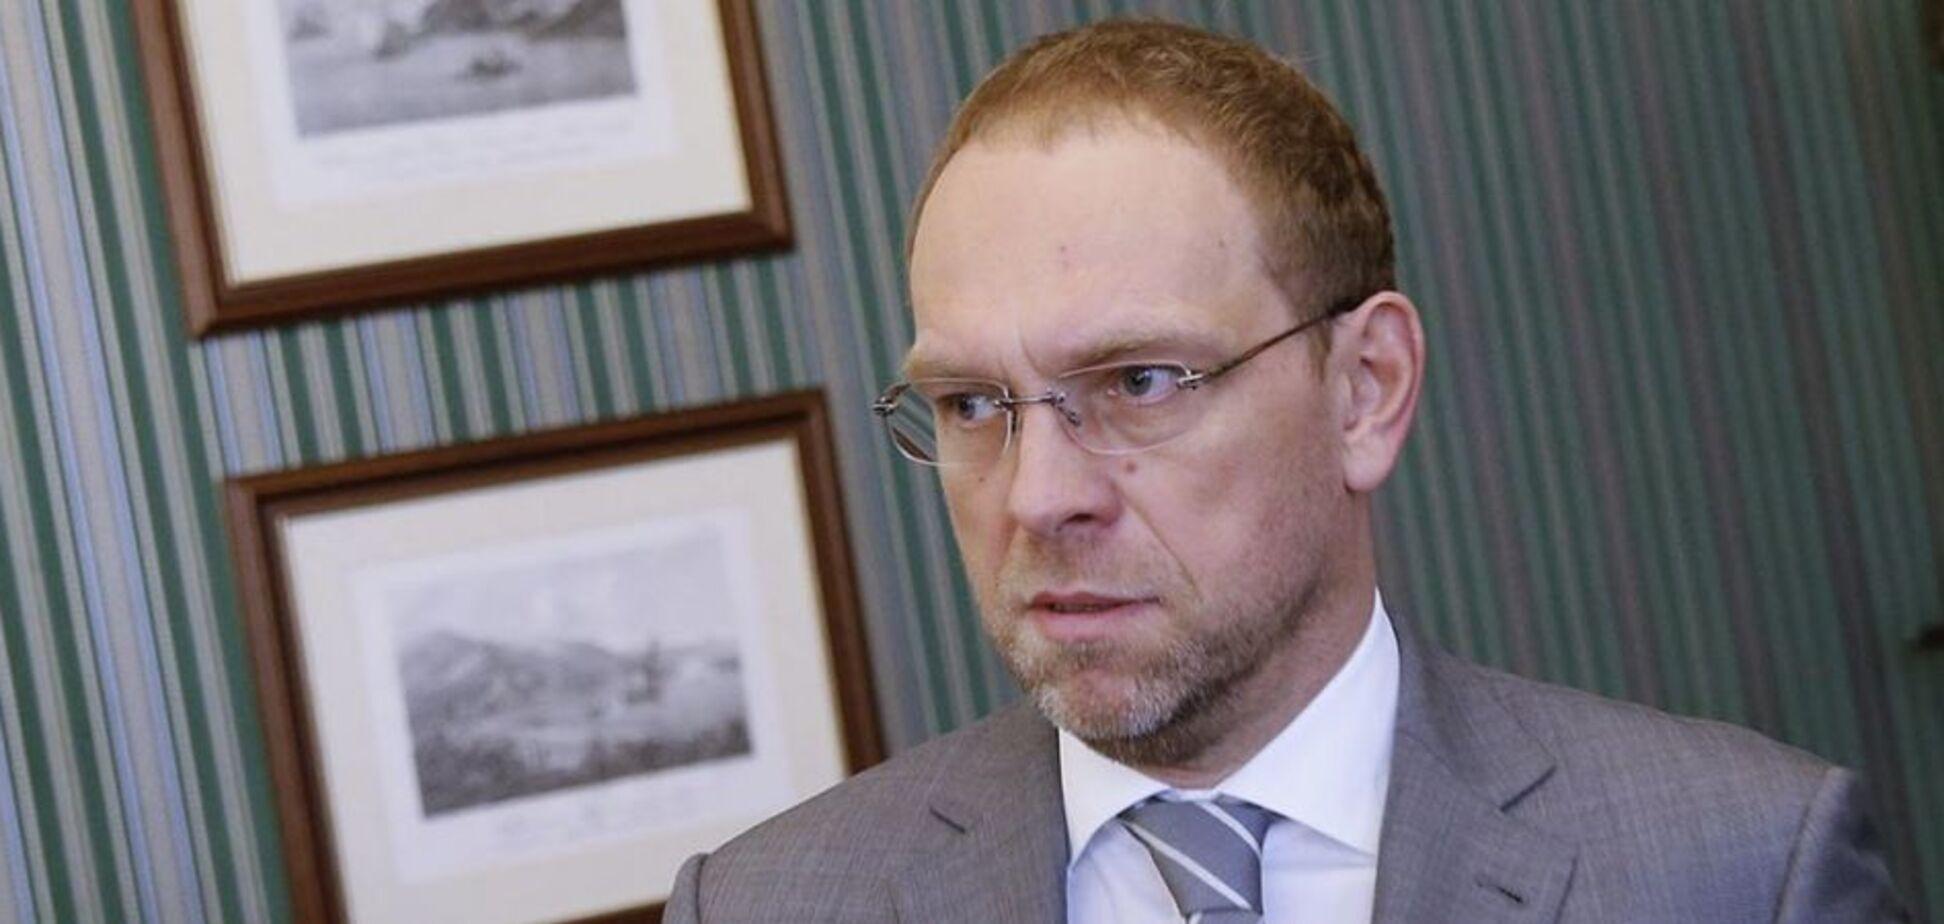 Суд установил, что команда президента распространяет лживую информацию о Тимошенко – Власенко